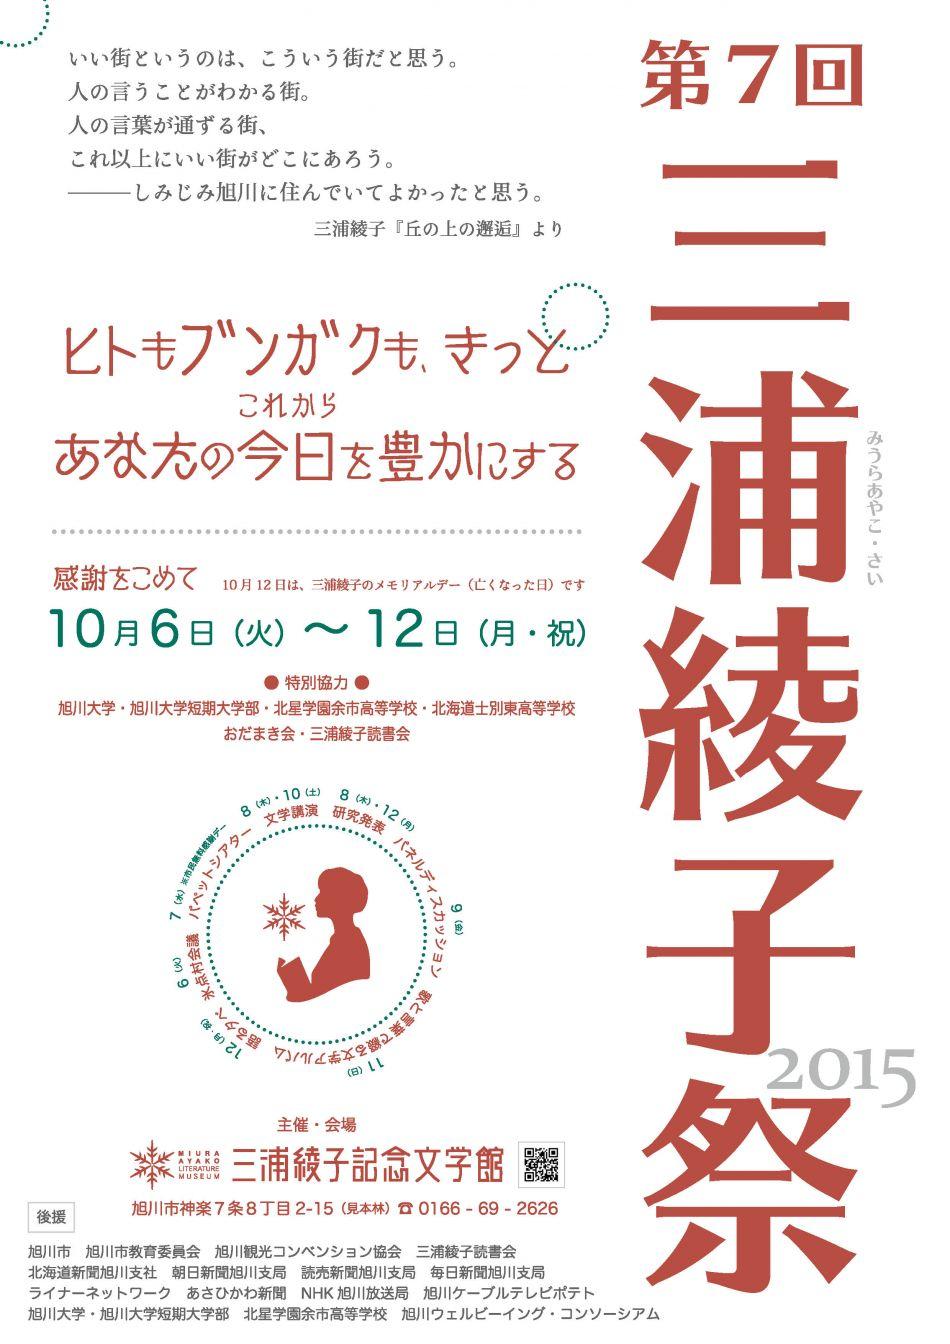 第7回三浦綾子祭 10月6日(火)から12日(月・祝)